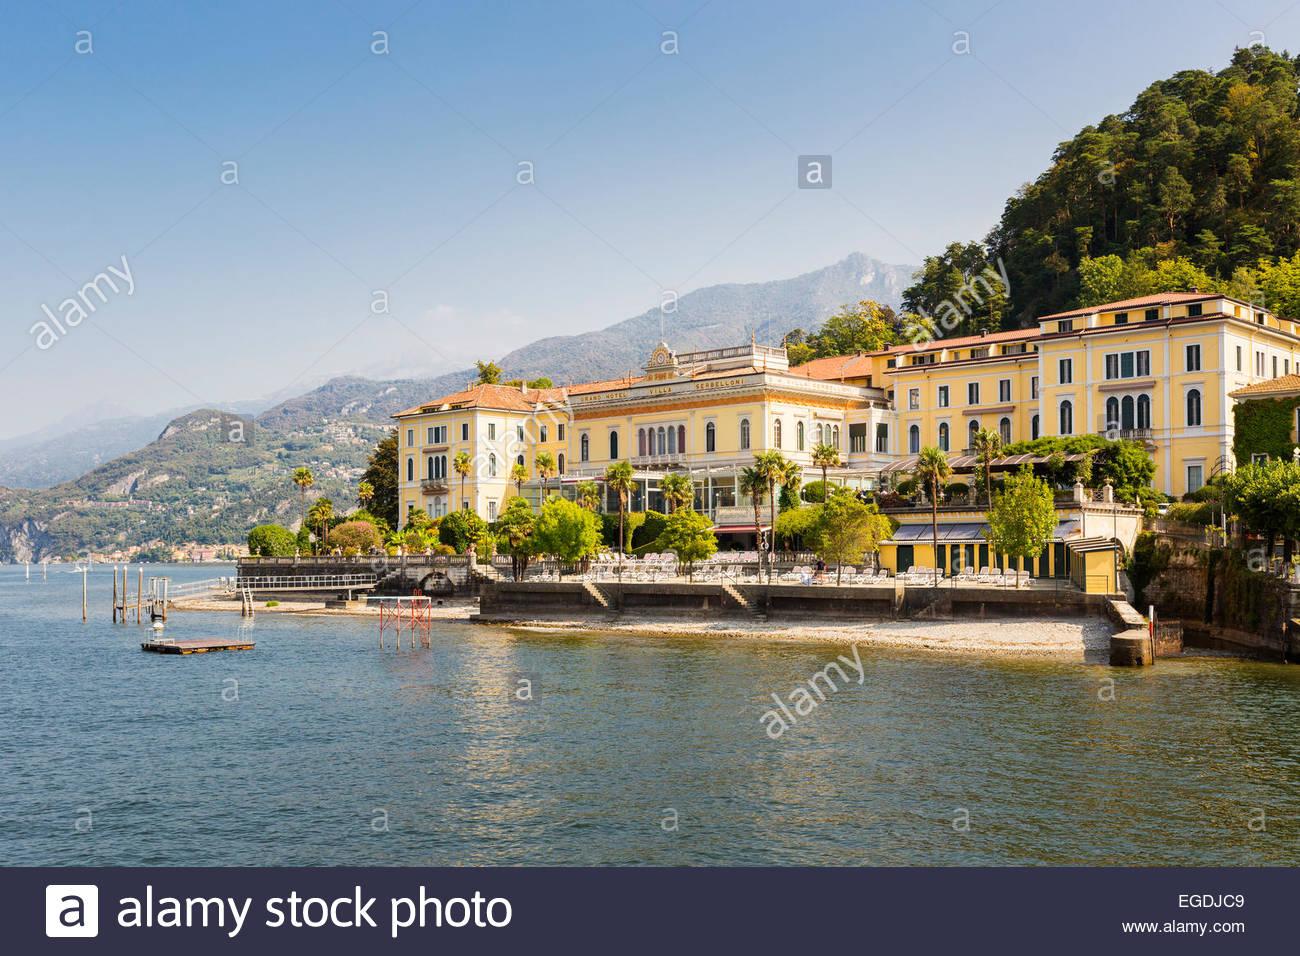 C Hotel In Lake Como Italy